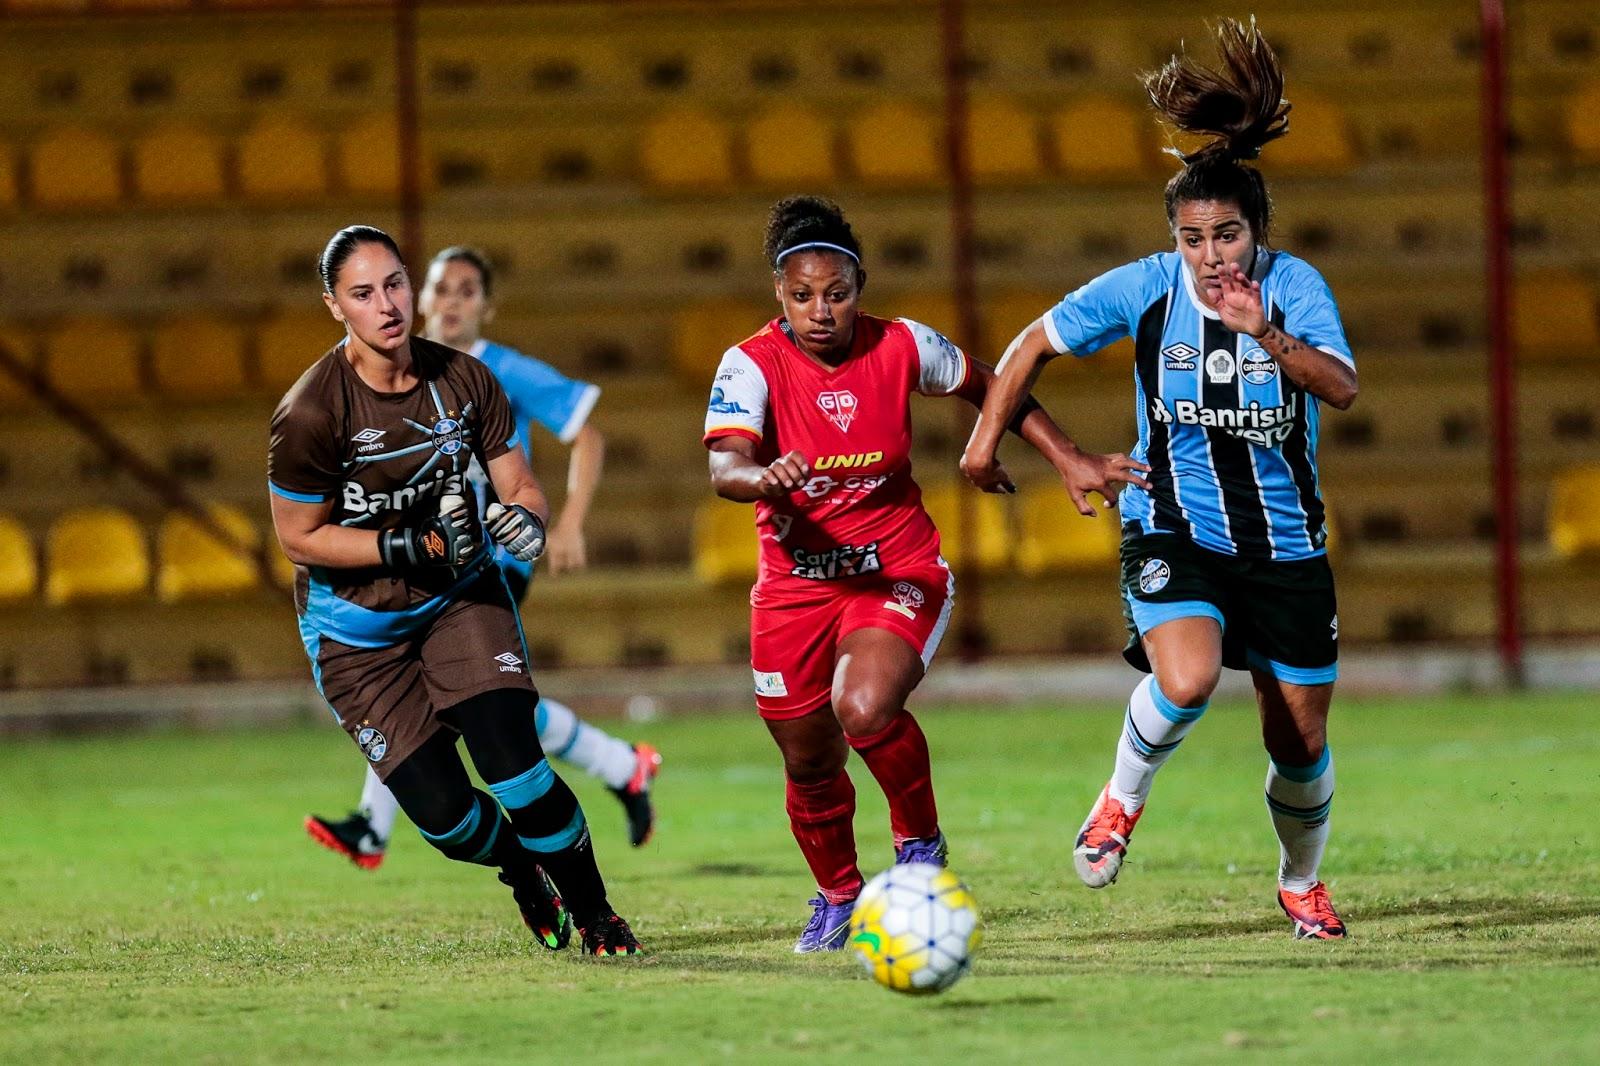 AUDAX SUPERA O GRÊMIO NO ÚLTIMO MINUTO - Futebol Feminino do Brasil 60239de9c5de8